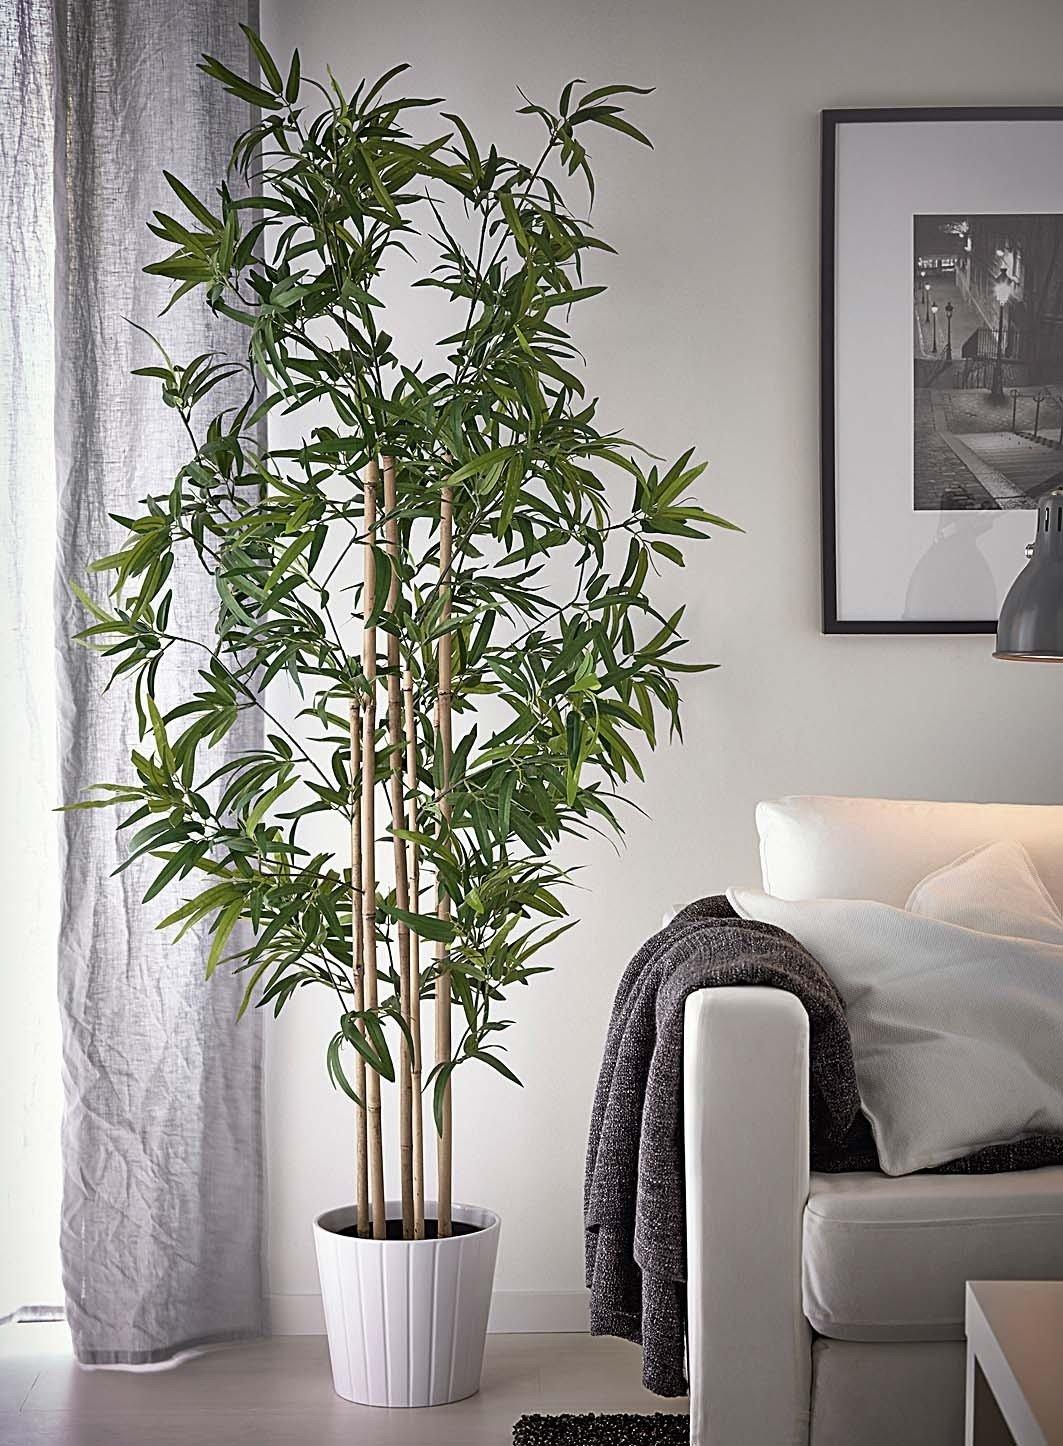 Augaliniai motyvai interjere nuo imitacij iki for Decoracion jardin ikea